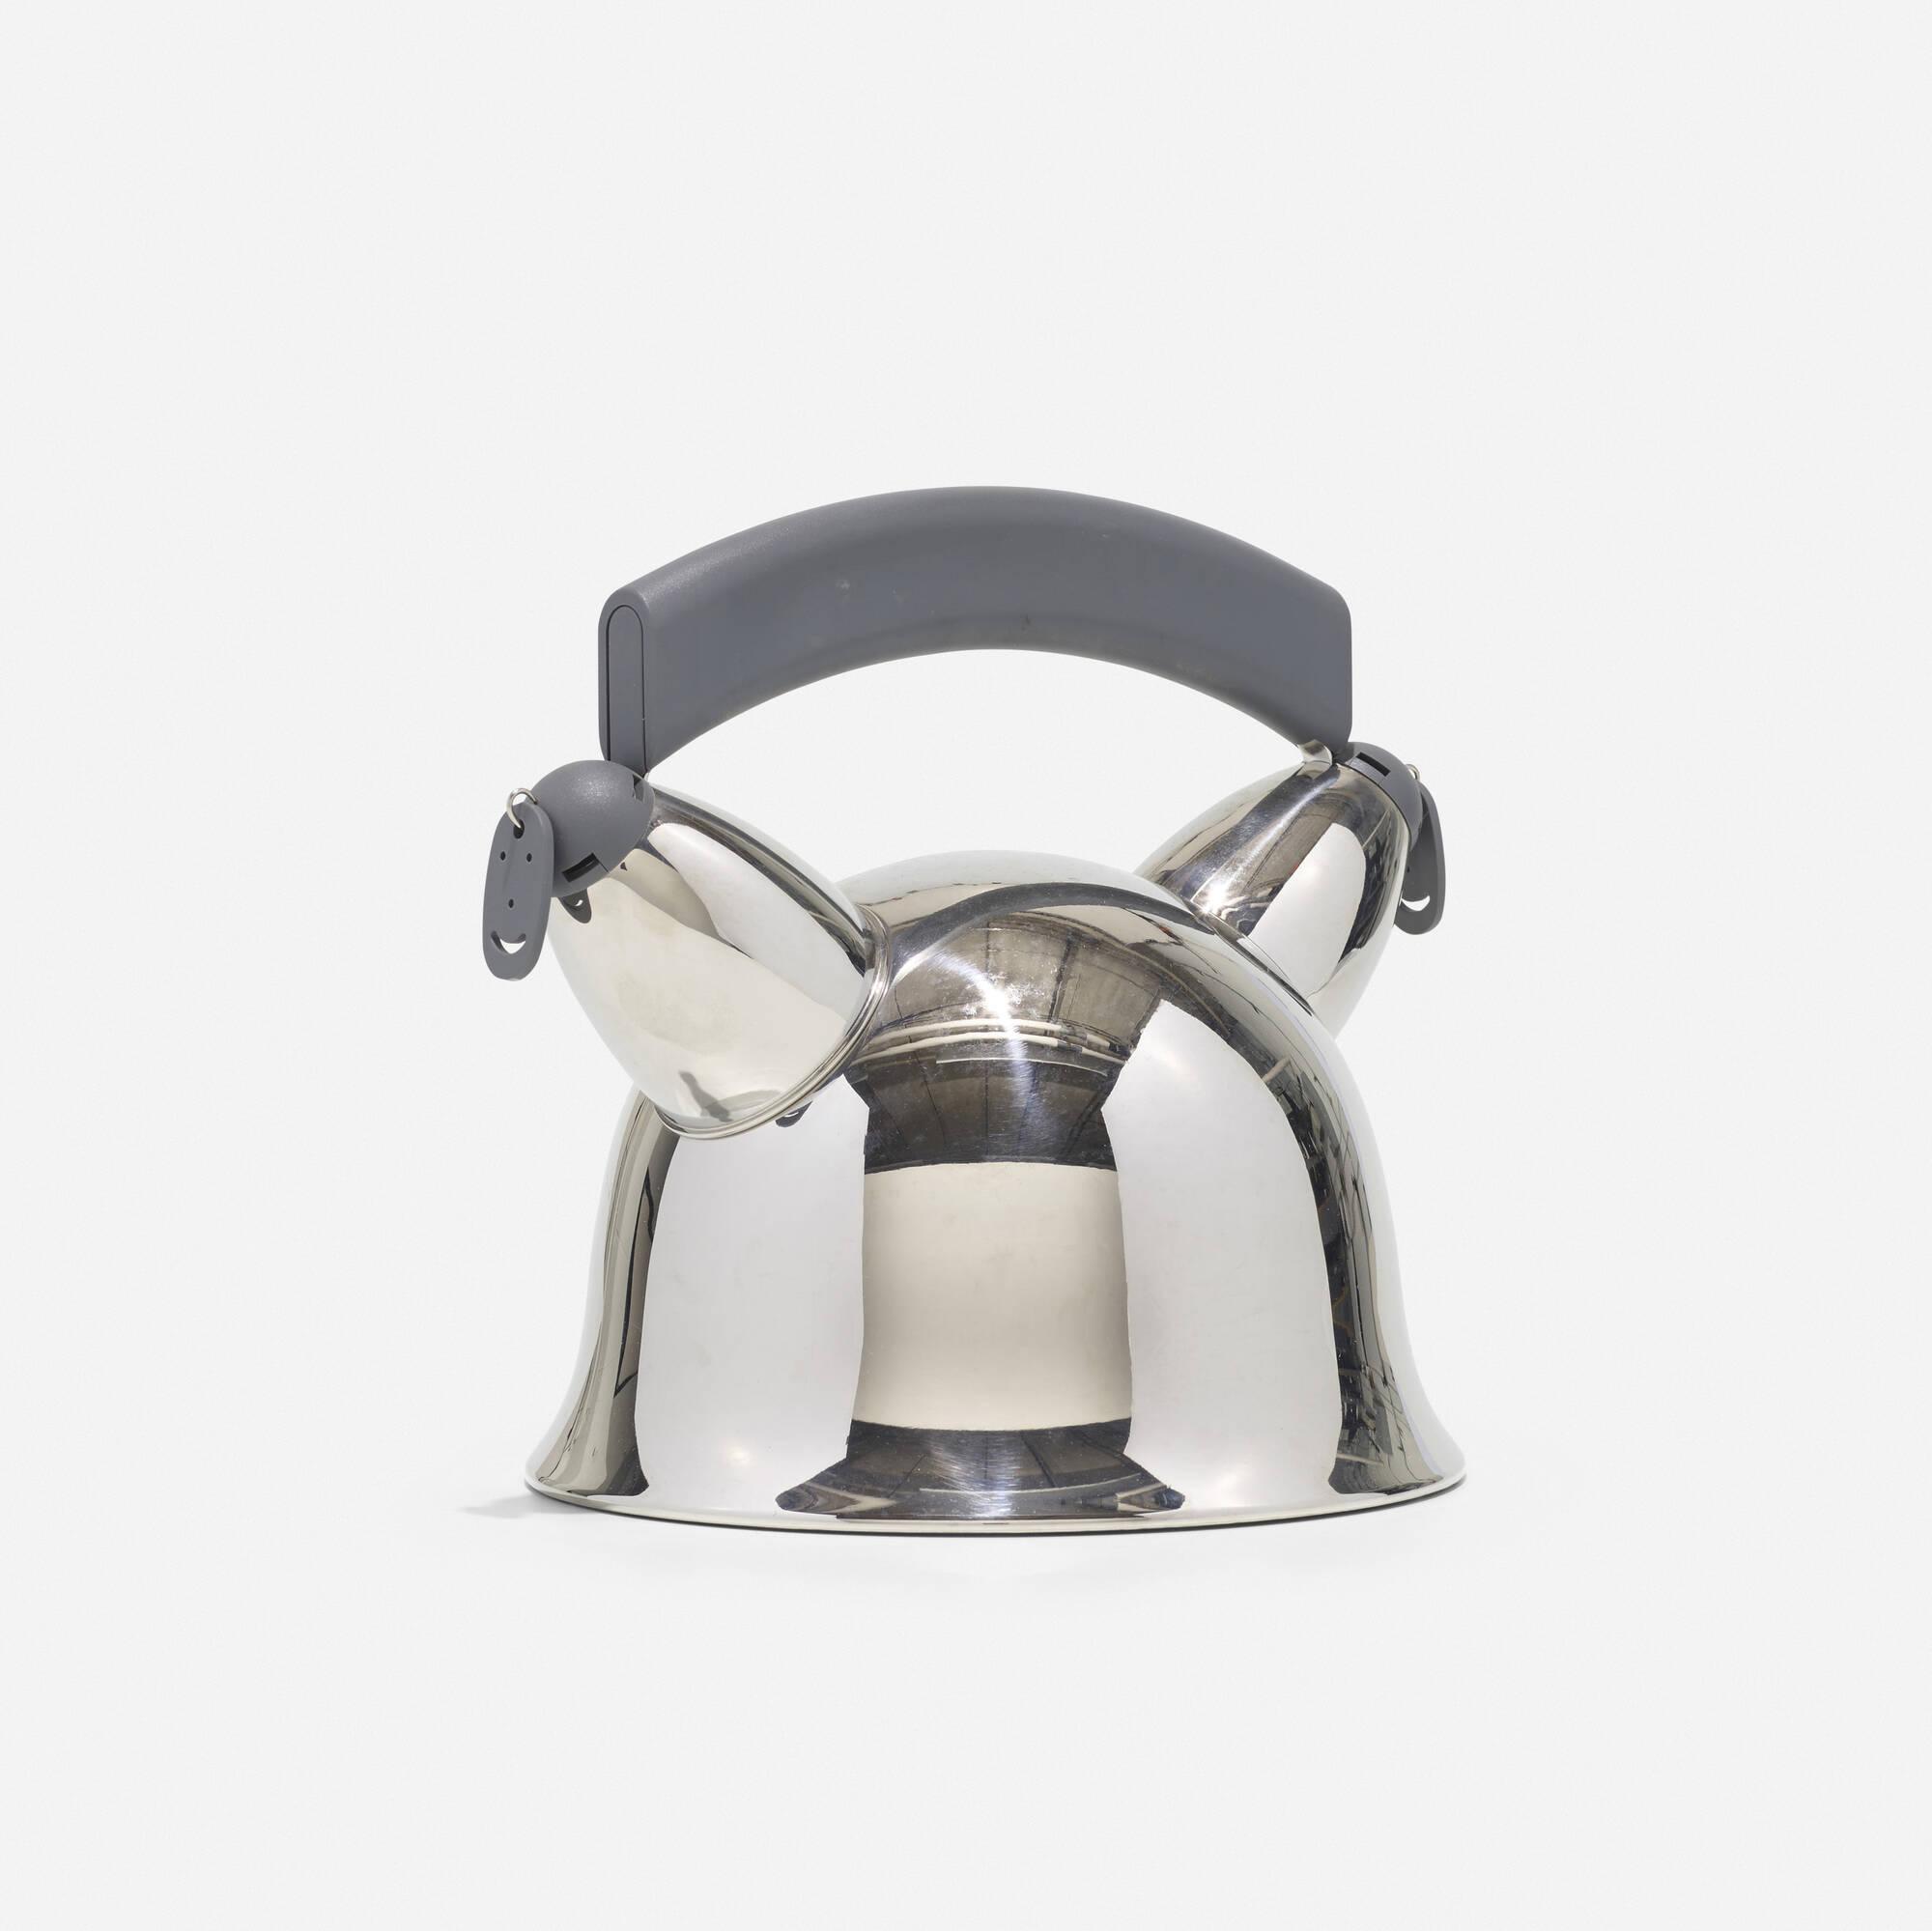 285: Andrea Branzi / Mama-O tea kettle (2 of 2)